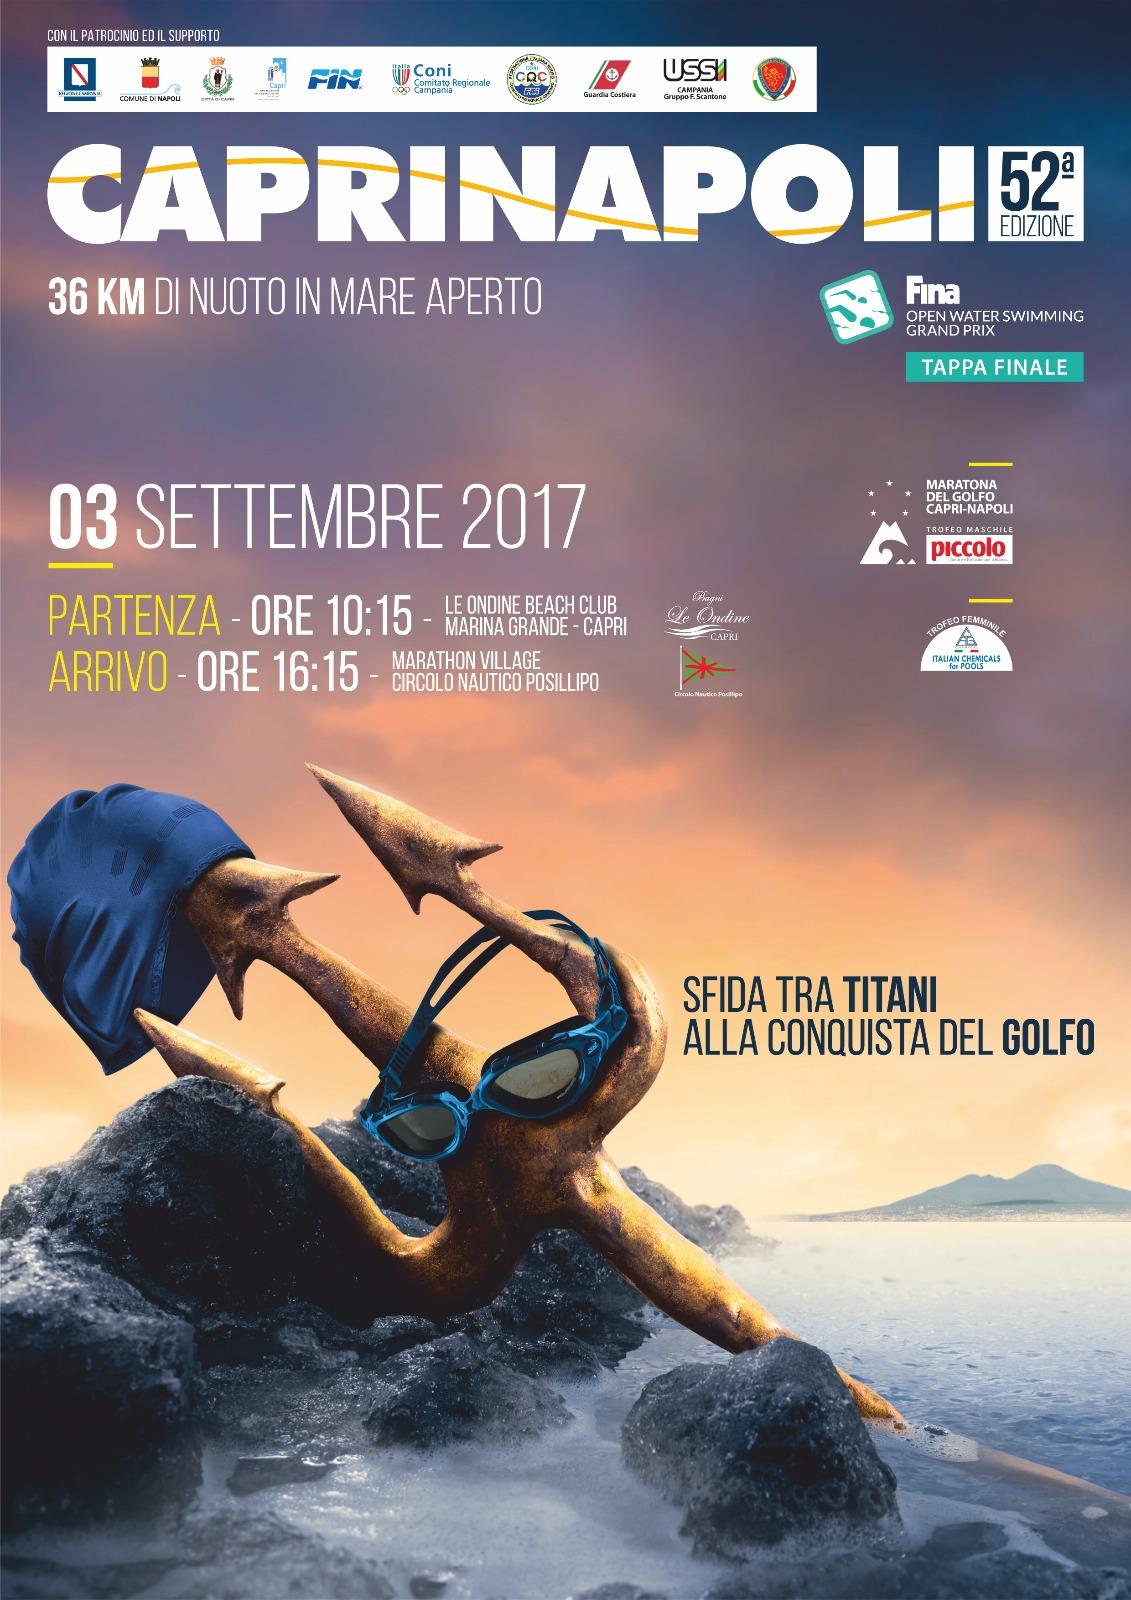 Nuoto: presentata la 52esima edizione della Capri- Napoli